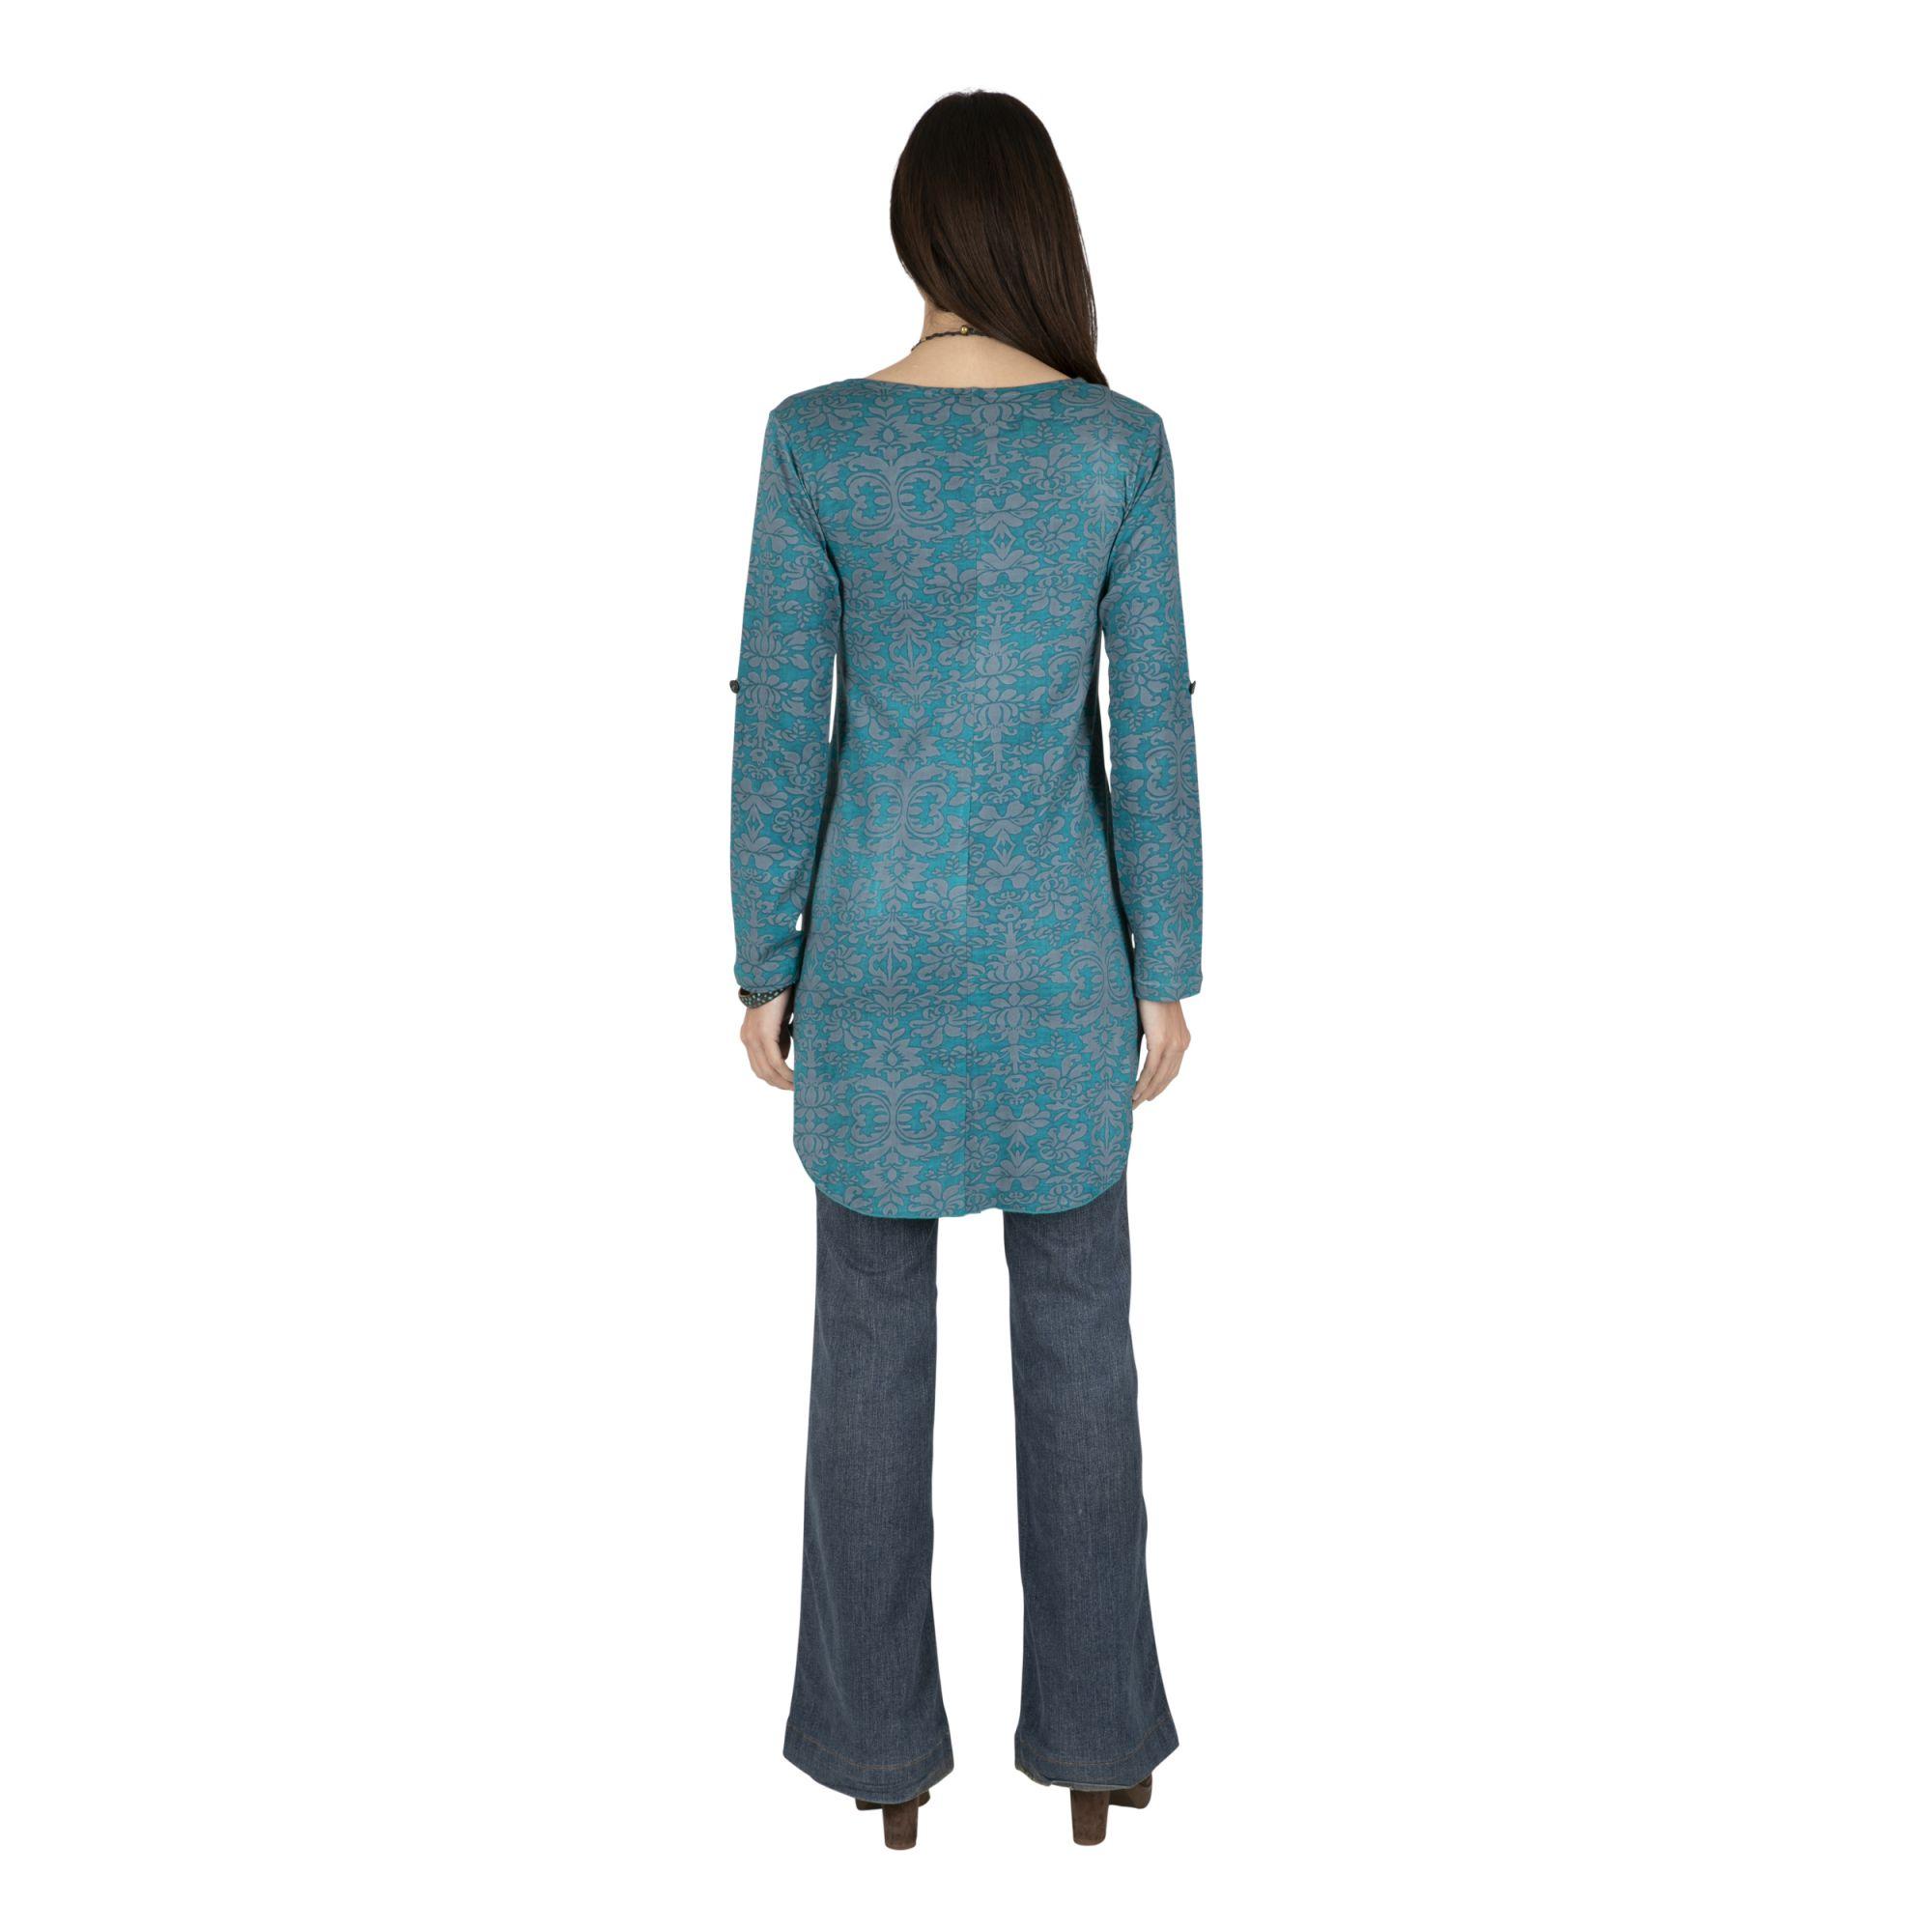 Tunique longue femme fantaisie style bohème Montero